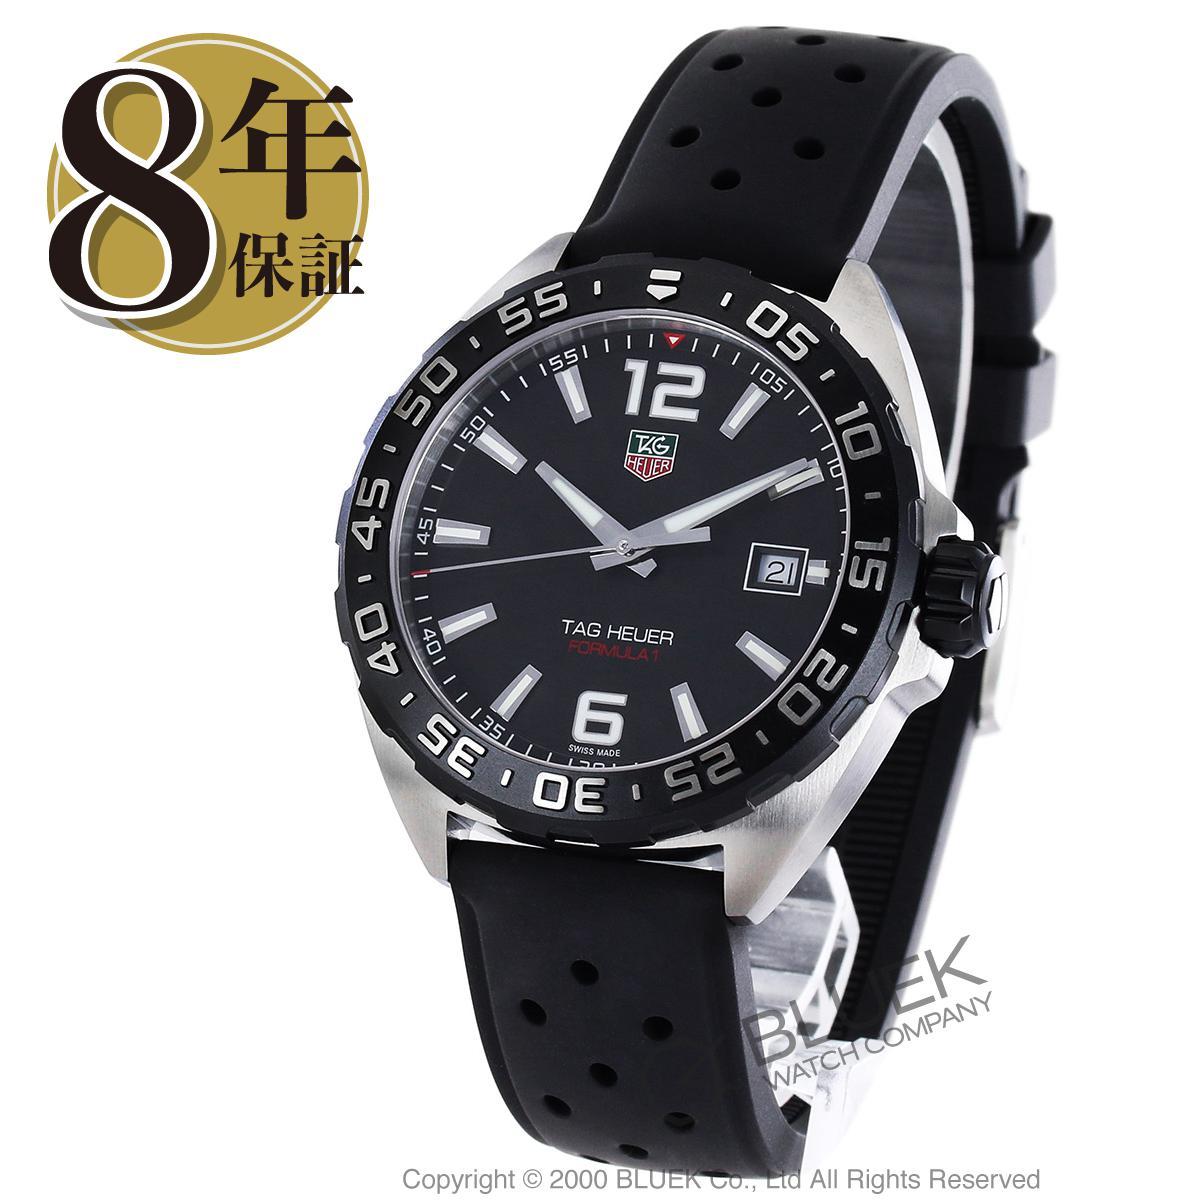 タグホイヤー フォーミュラ1 腕時計 メンズ TAG Heuer WAZ1110.FT8023_8 バーゲン ギフト プレゼント